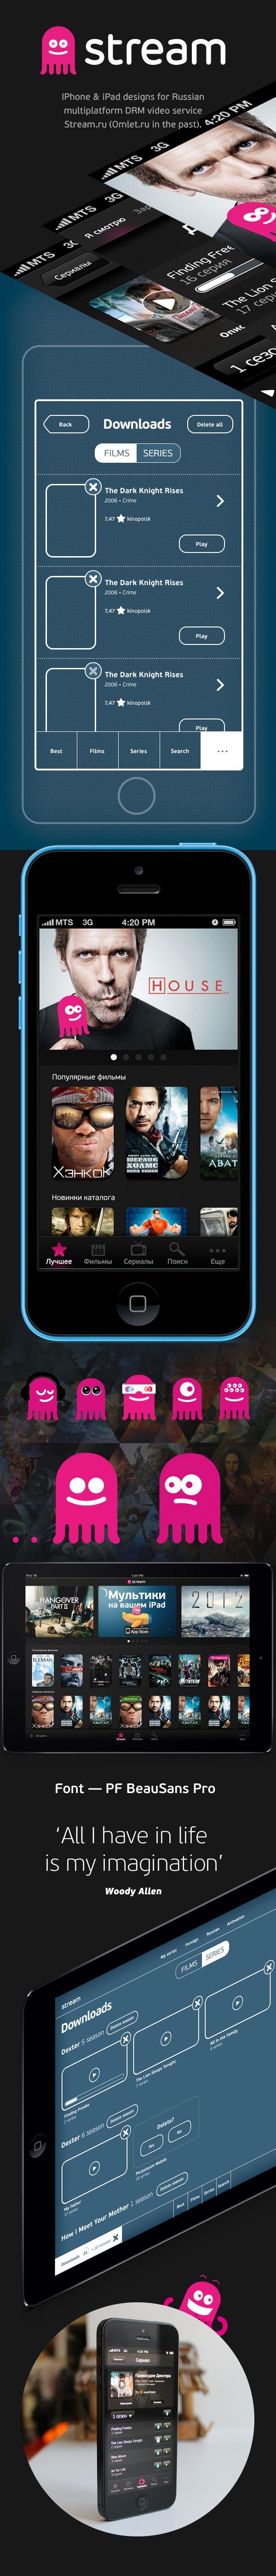 Stream iPad & iPhone app